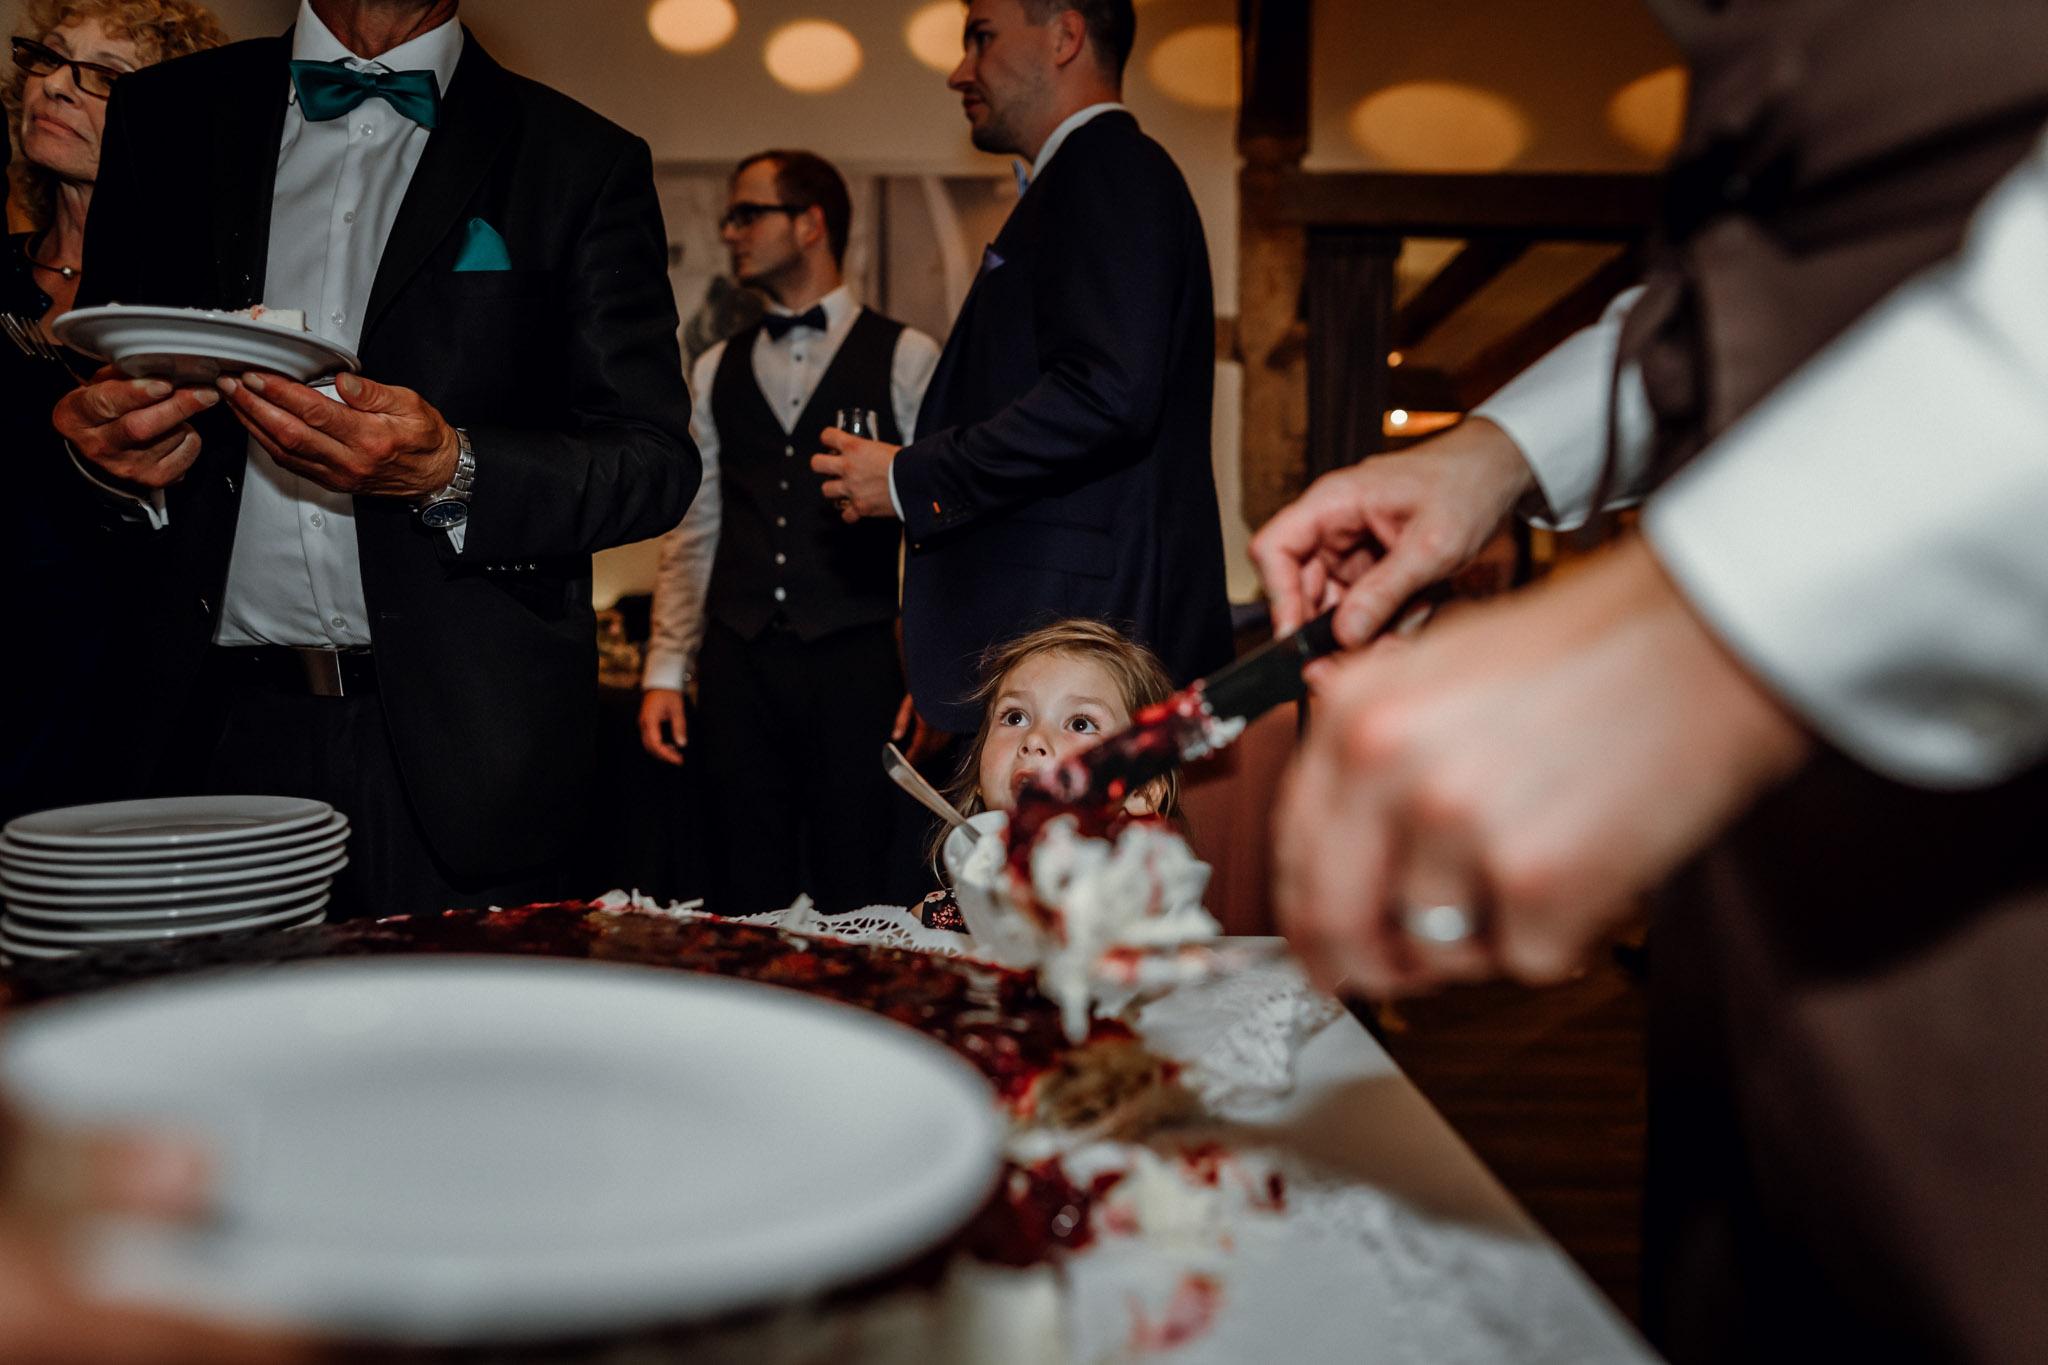 Sven Schomburg Hochzeitsfotografie, Hamburg, Mölln, Hochzeitsfieber by Photo-Schomburg, Hochzeitsreportage, Forsthaus Waldhusen, Braut, Bräutigam-88